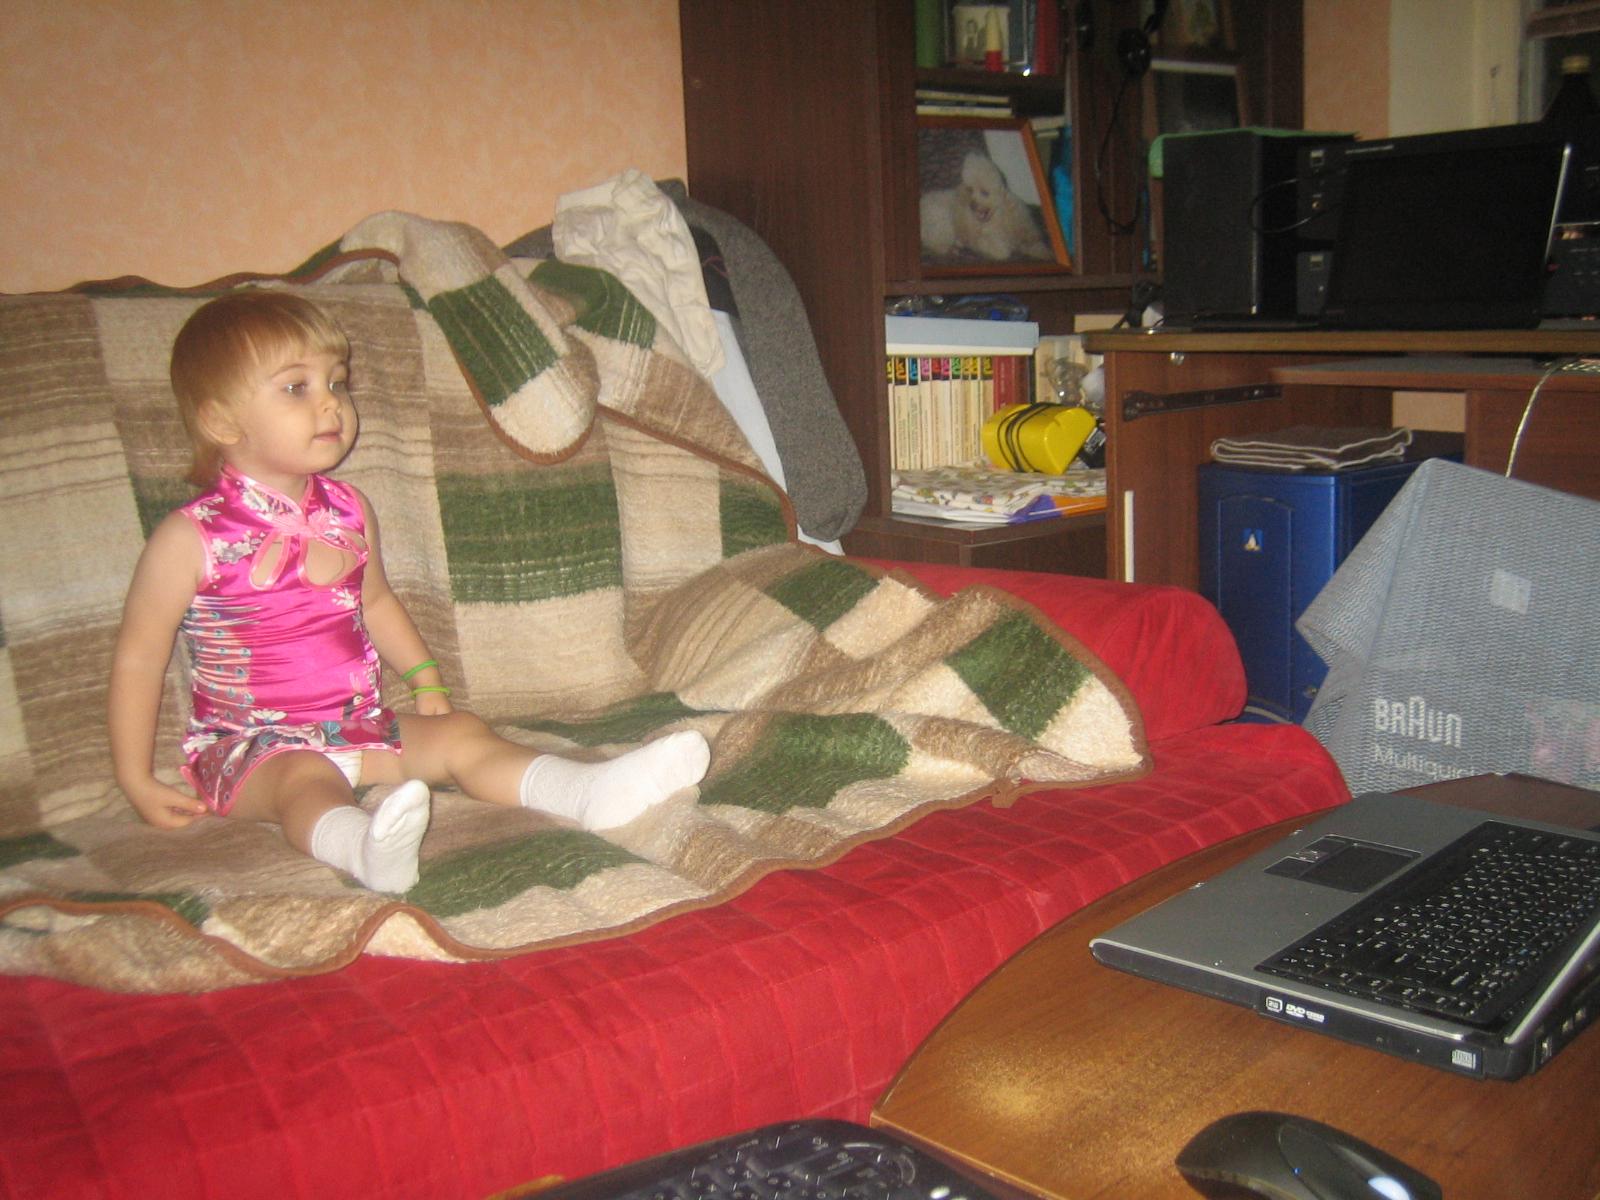 Евдокия смотрит 'Куми-куми'. Я люблю мультфильмы!